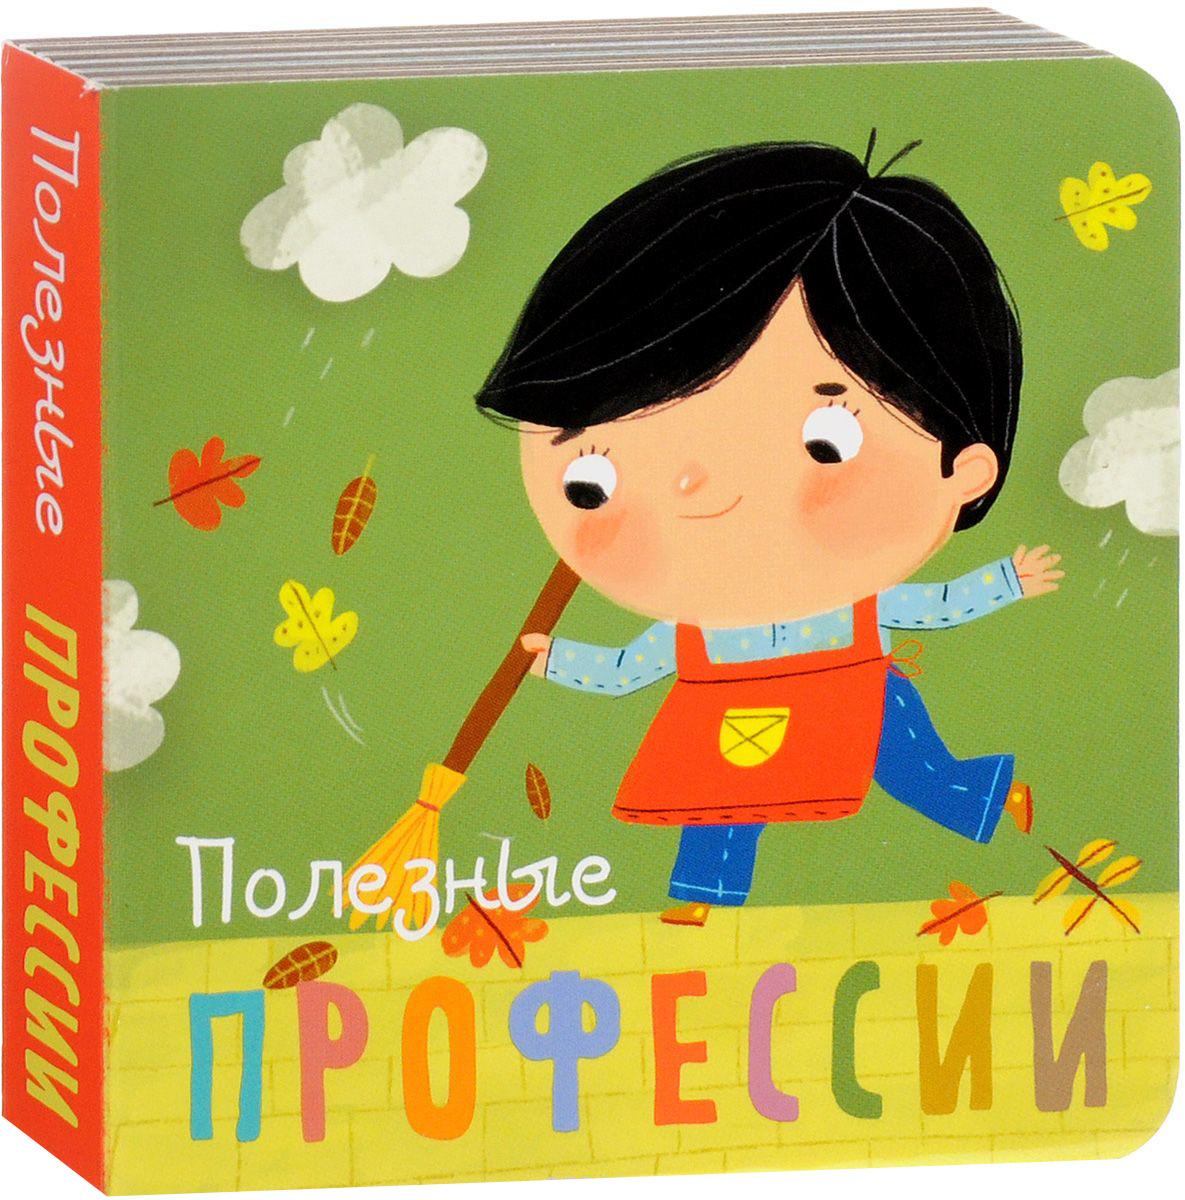 Профессии - Полезные профессииОбучающие книги. Книги с картинками<br>Профессии - Полезные профессии<br>